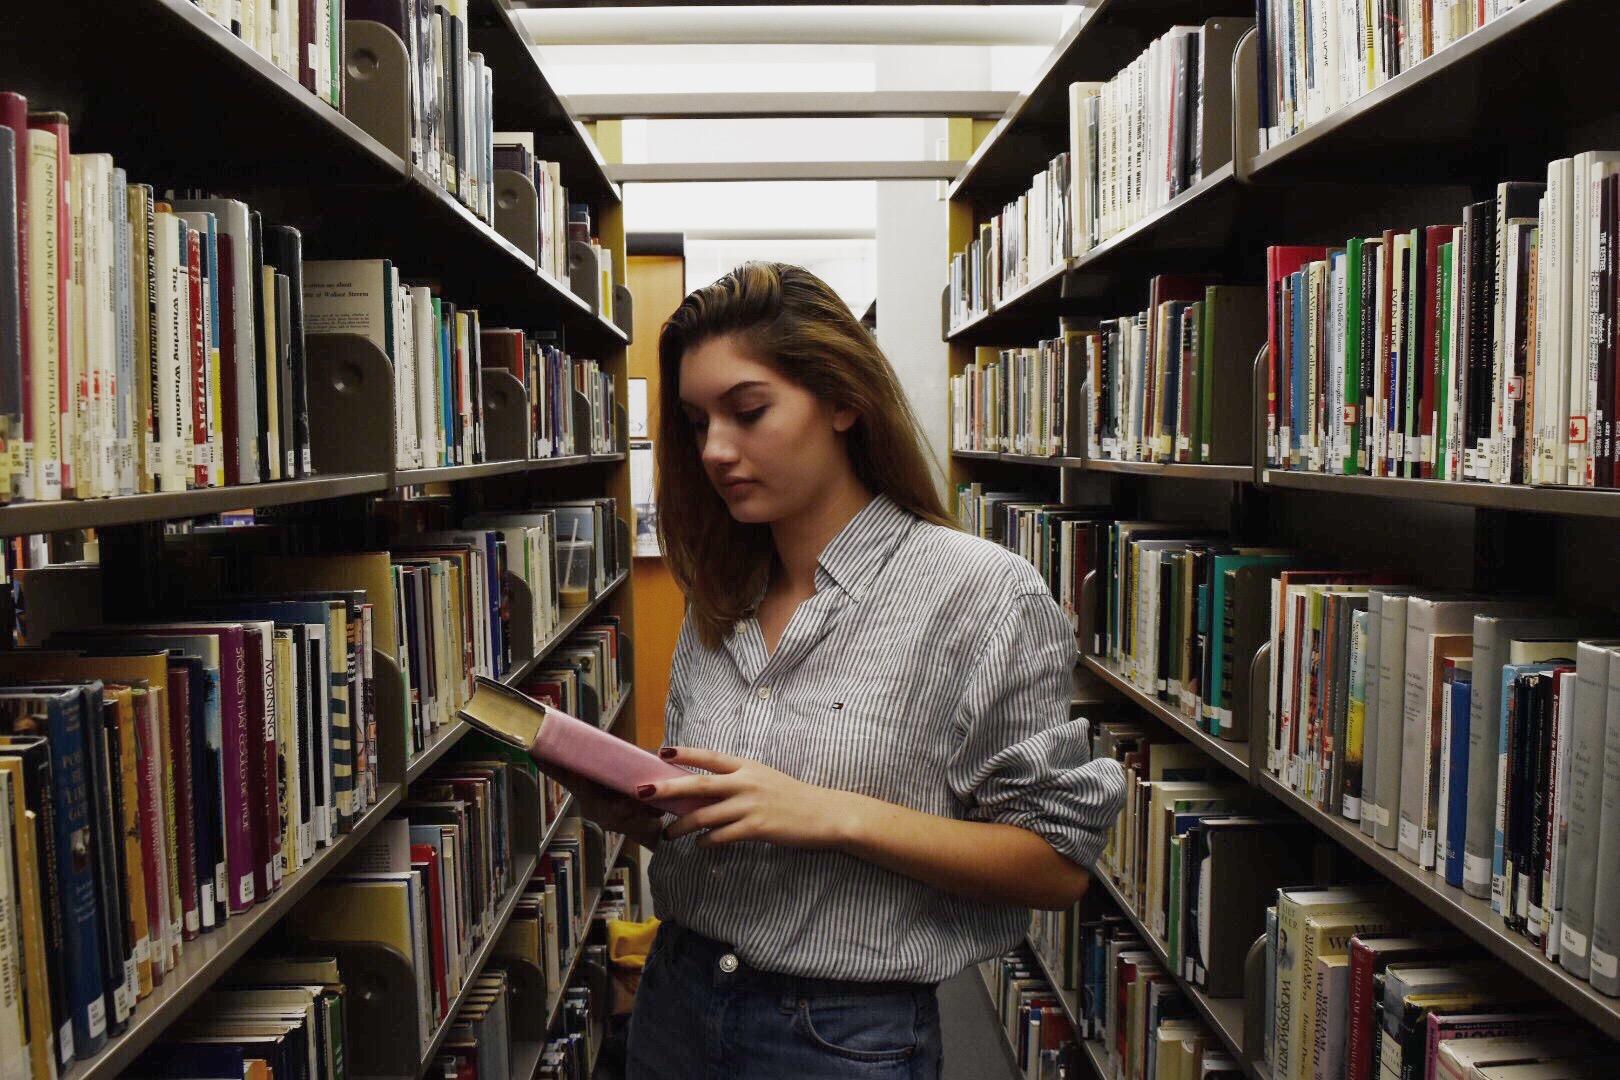 похожа видео девушек в библиотеке всегда мечтала потрахаться